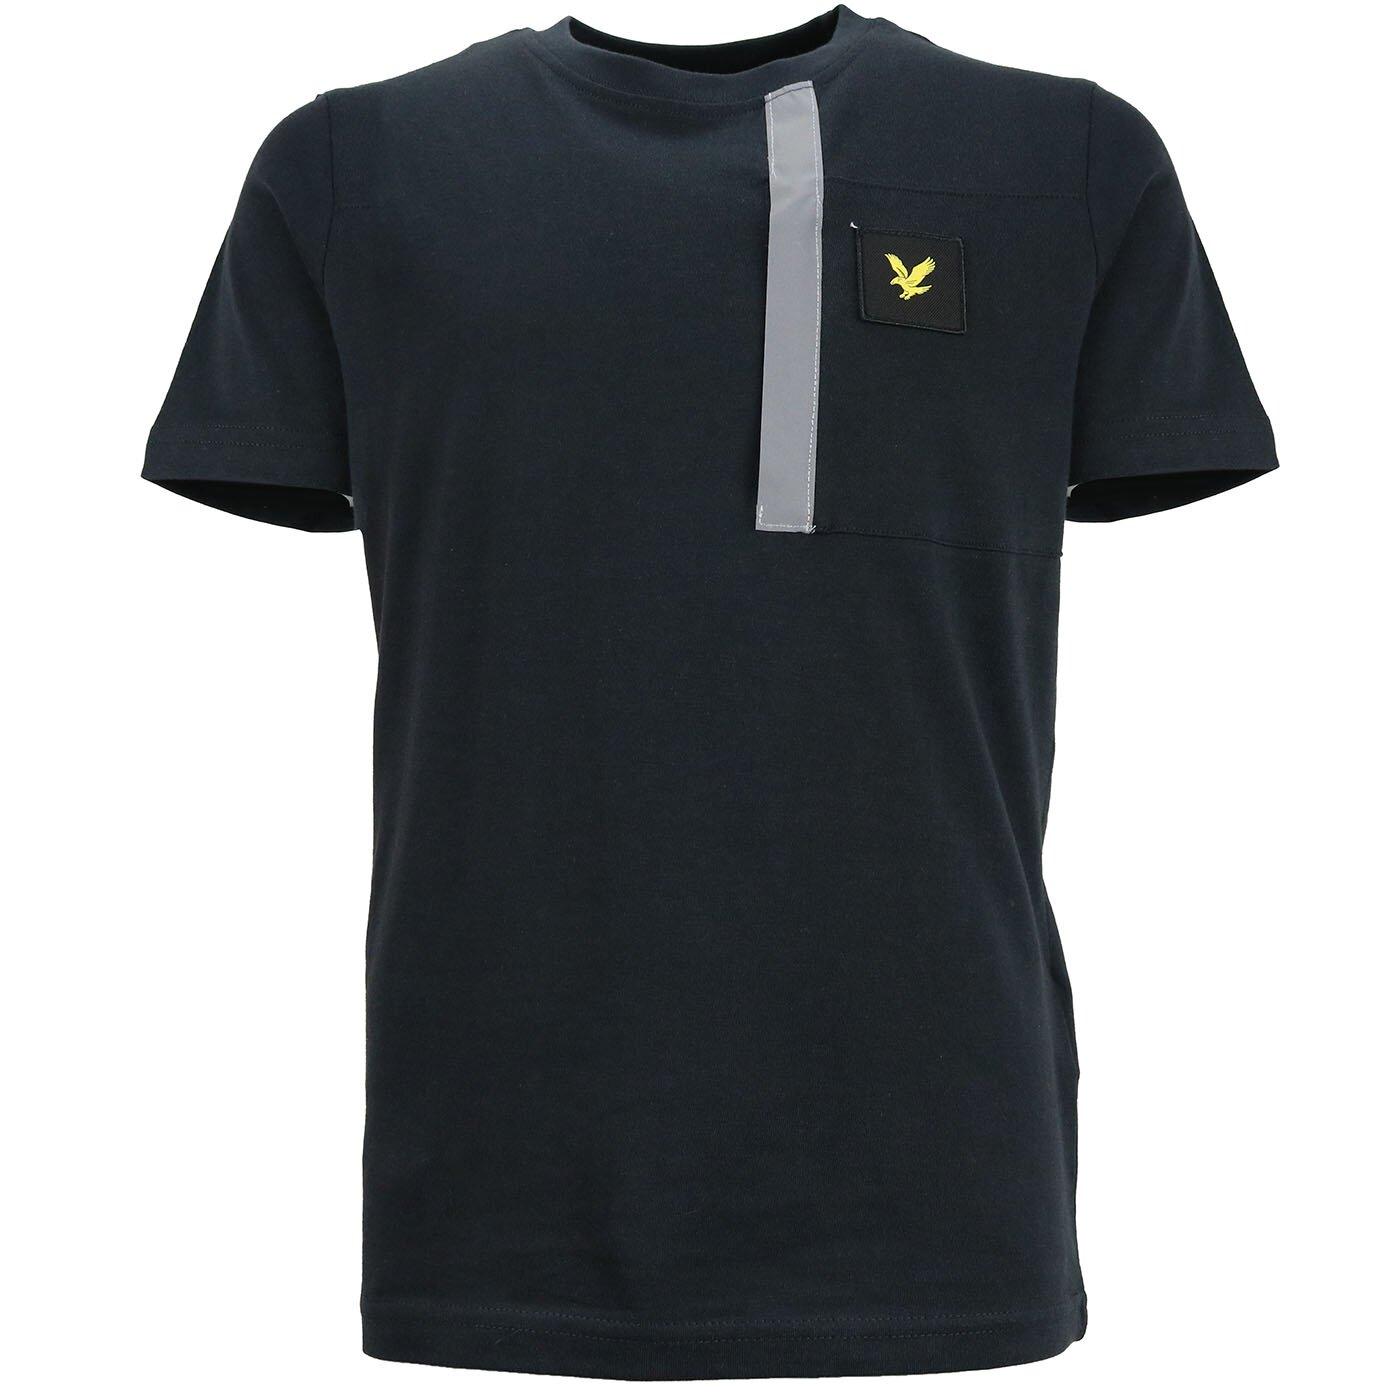 Lyle & Scott Pocket shirt zwart LSC0990